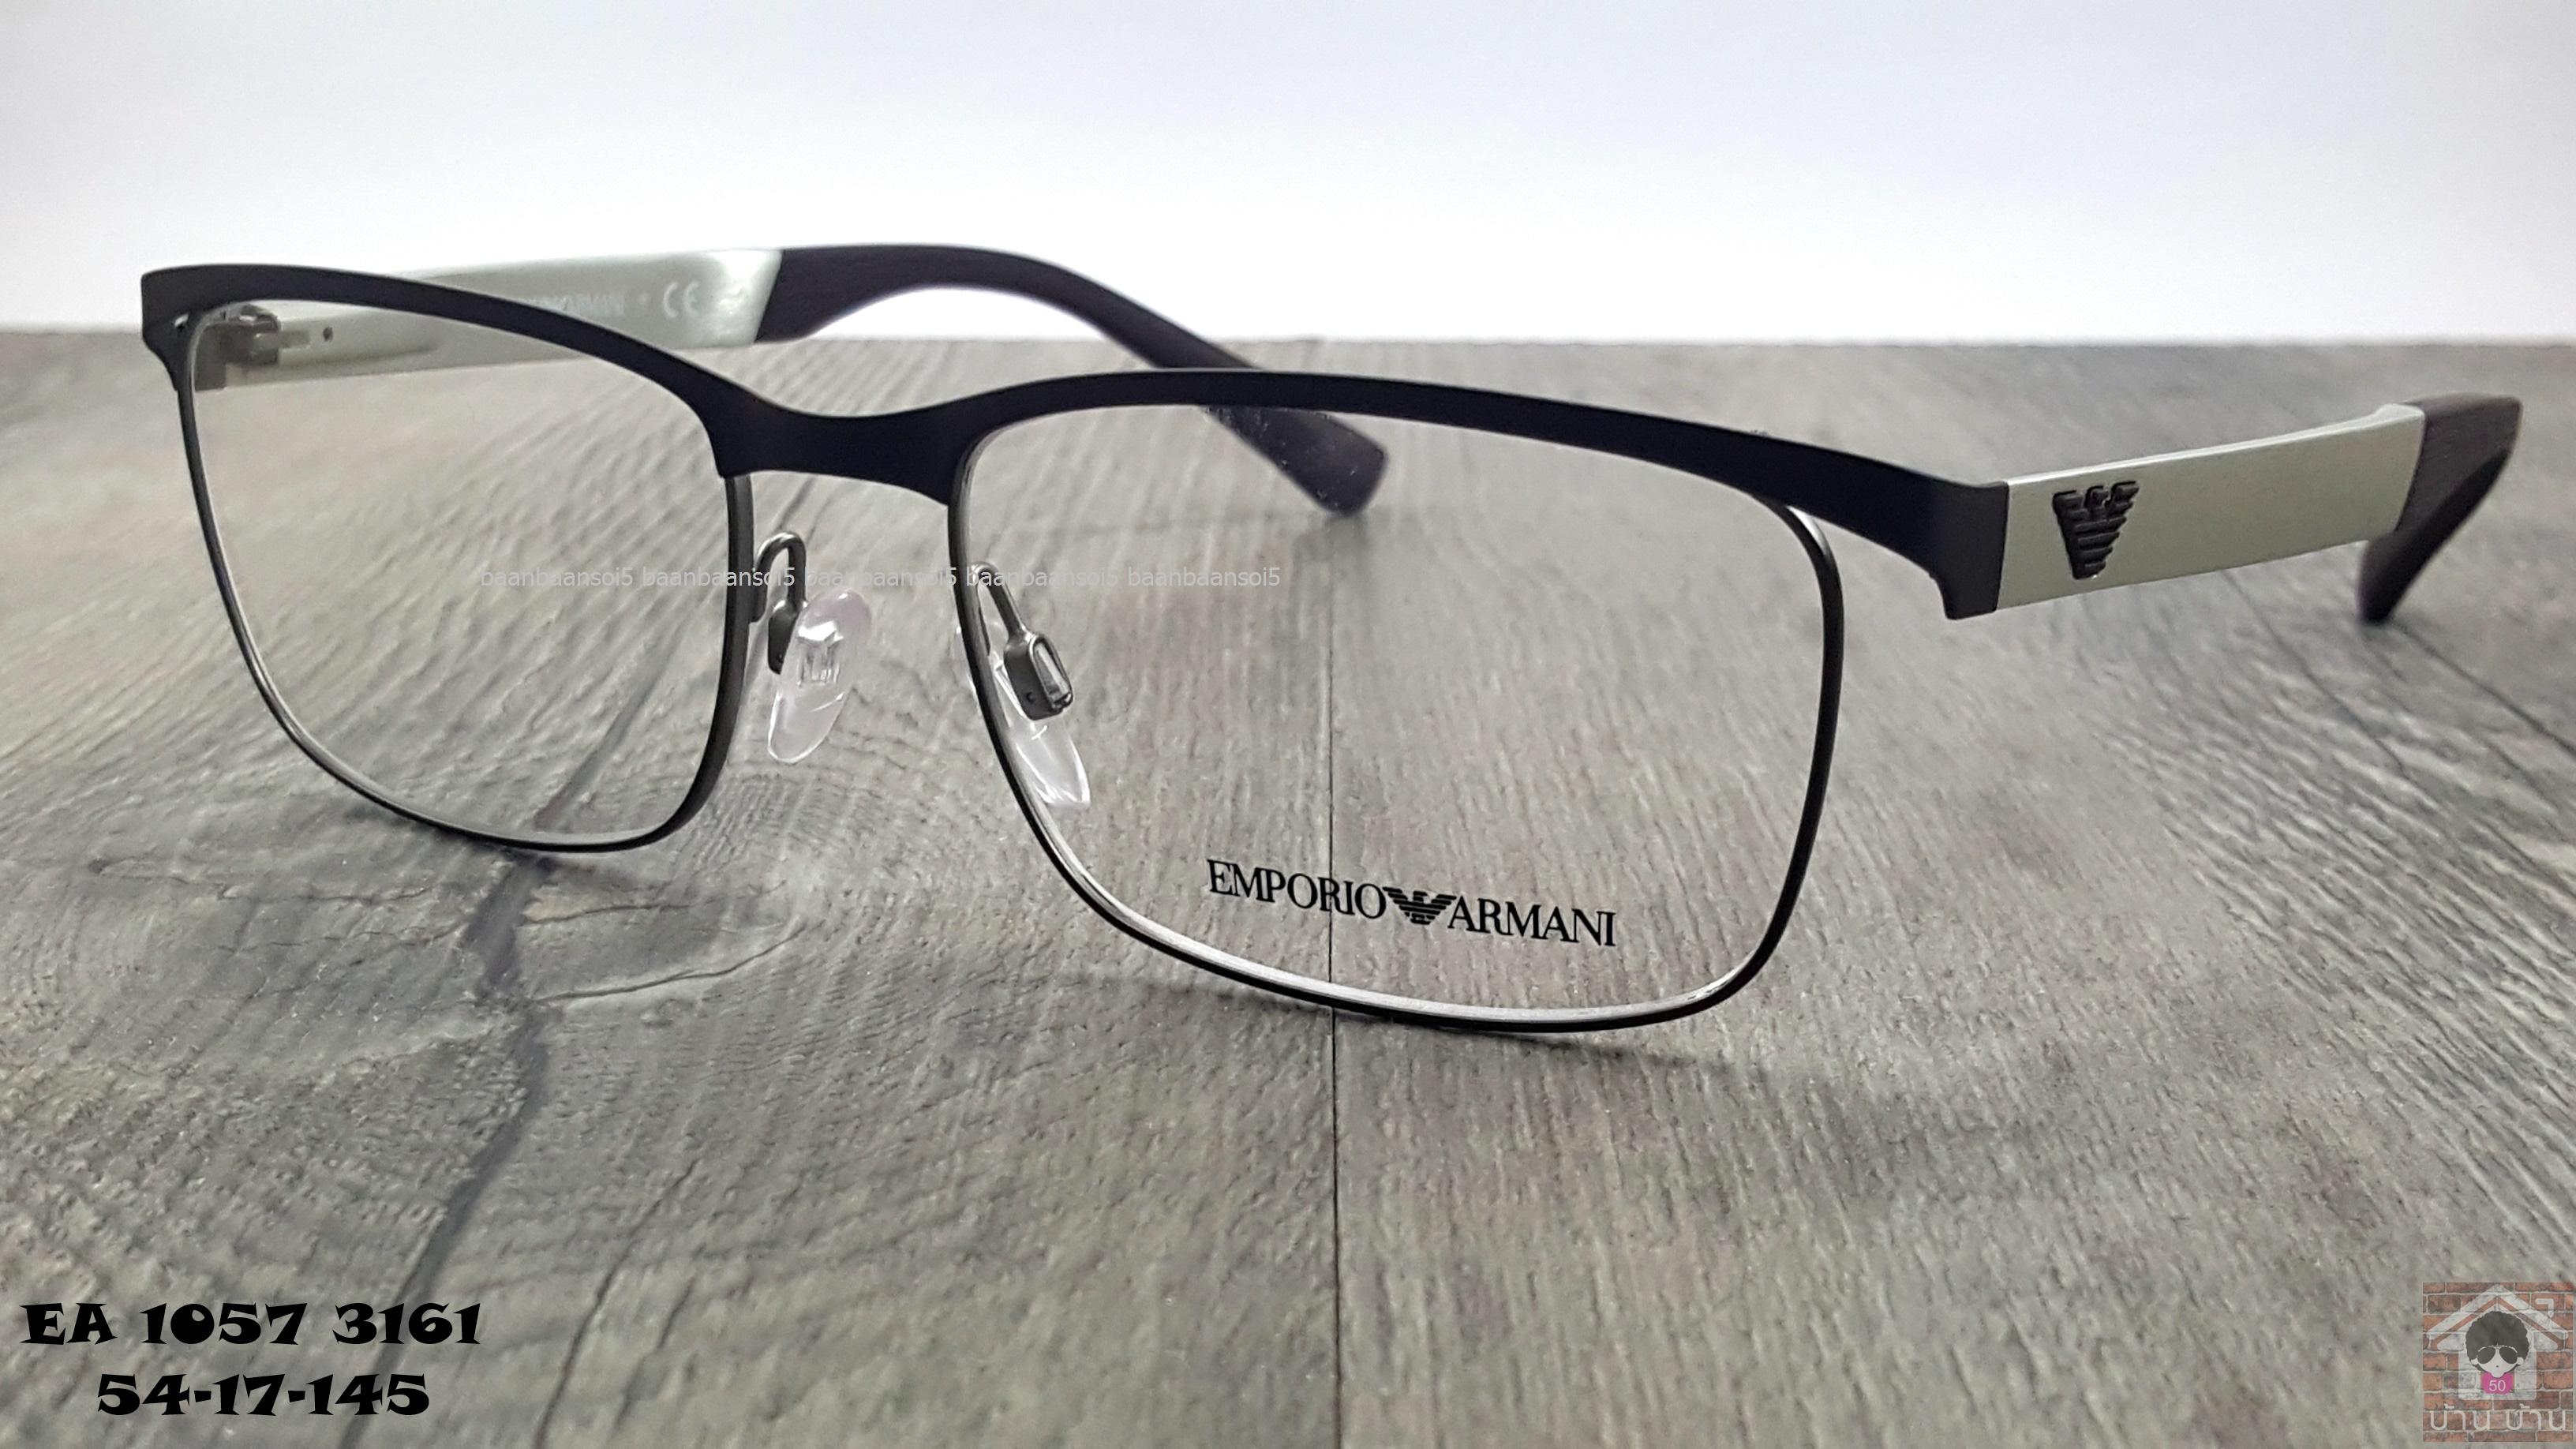 Empoiro Armani EA 1057 3161 โปรโมชั่น กรอบแว่นตาพร้อมเลนส์ HOYA ราคา 5,300 บาท